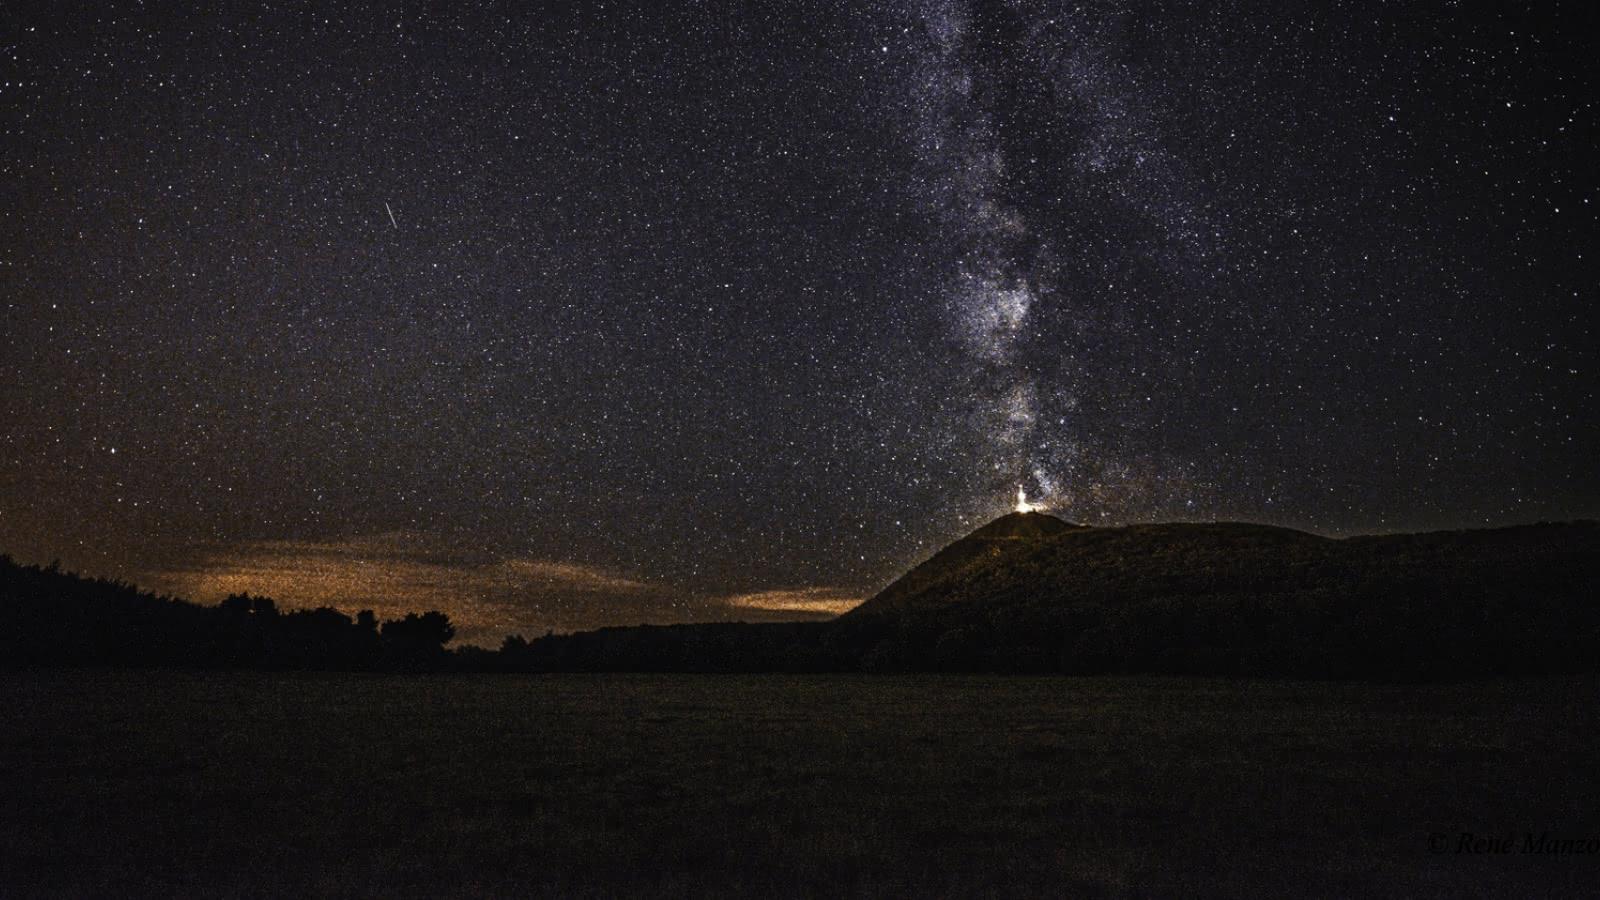 © Programme : La Nuit des étoiles revisitée